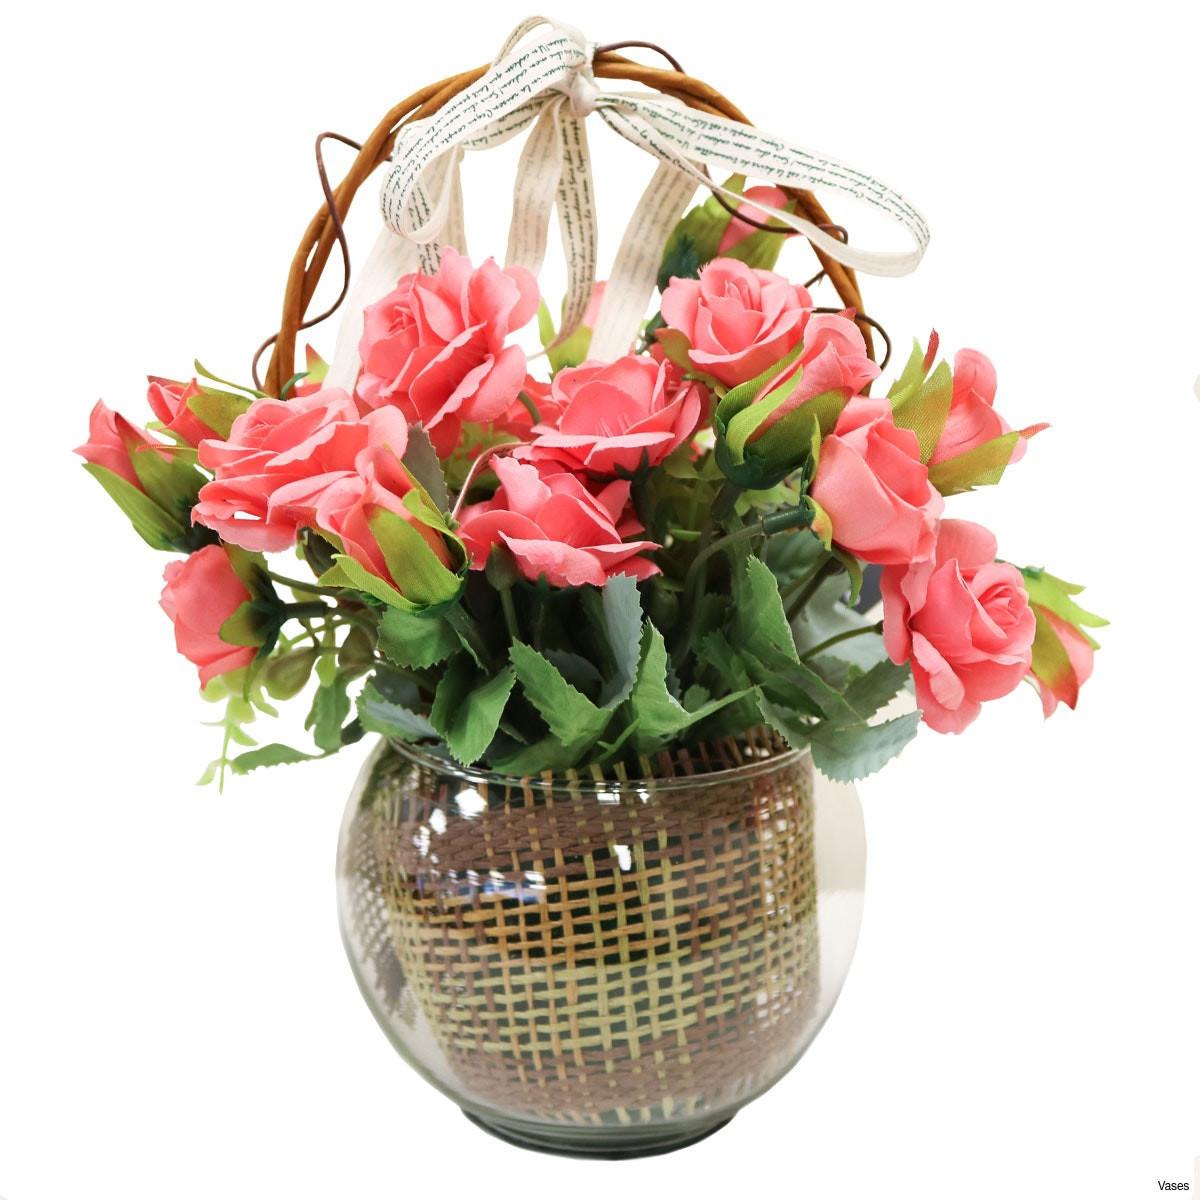 flower vase pic of mini glass vase pics bf142 11km 1200x1200h vases pink flower vase i for bf142 11km 1200x1200h vases pink flower vase i 0d gold inspiration